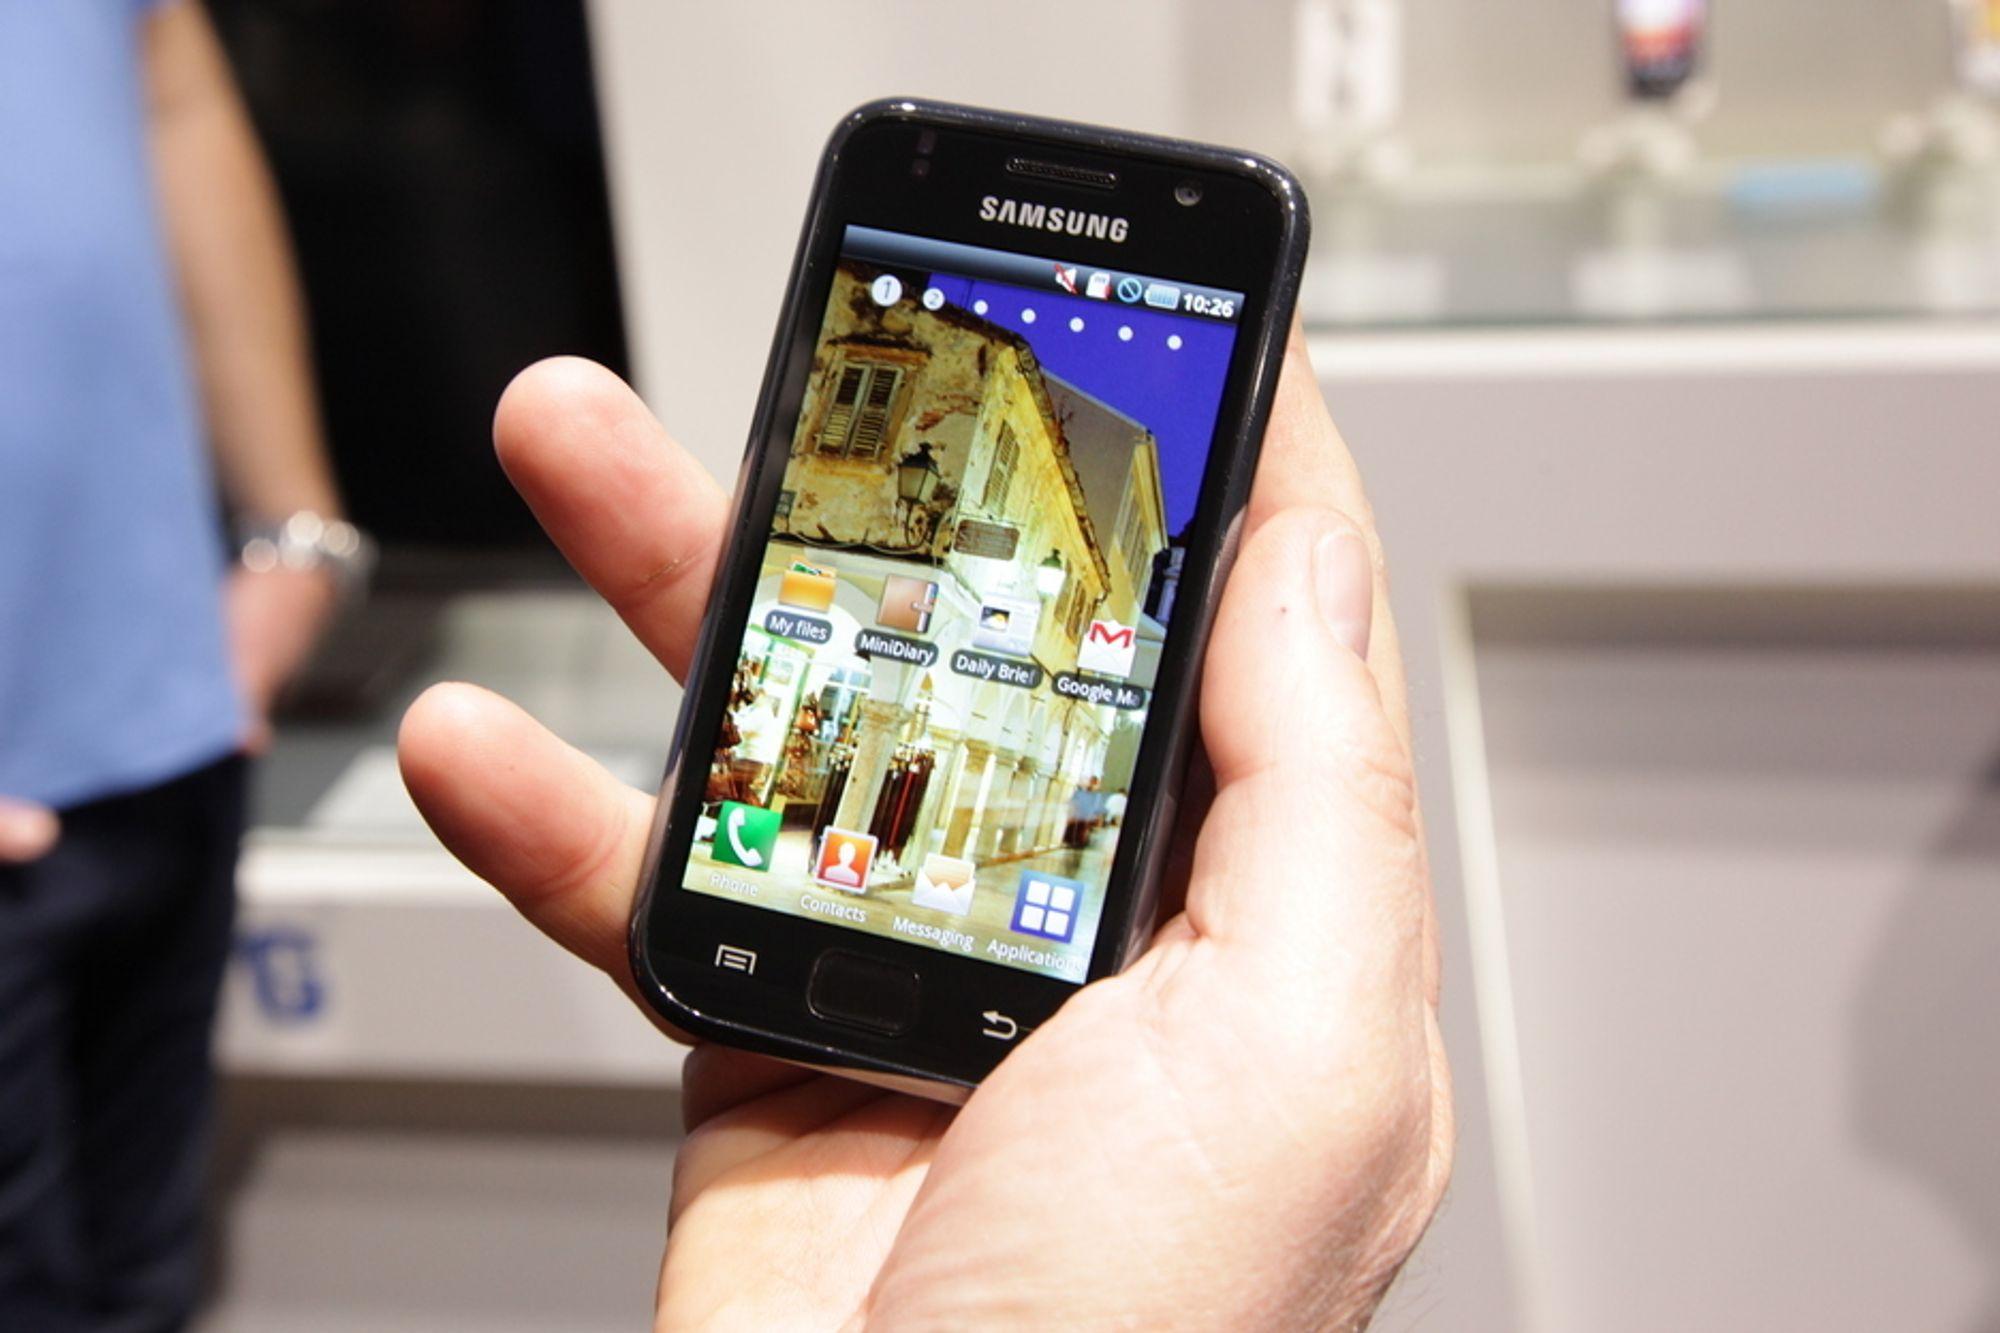 Samsungs Galaxy S er blant Android-telefonene som nå får tilgang til betalte applikasjoner i Android Market også i Norge.